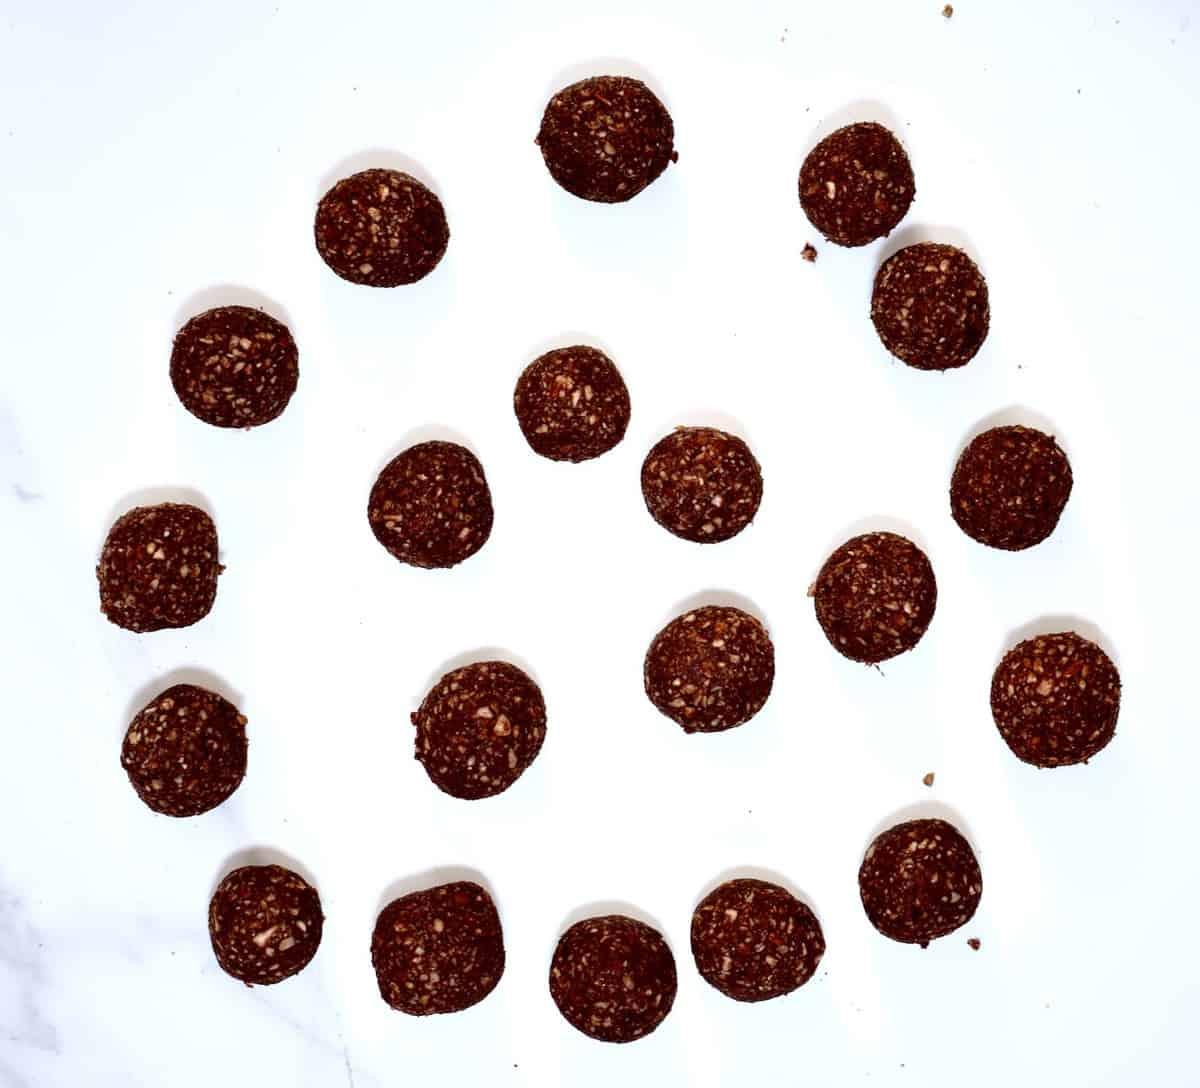 cacao & almond no bake protein balls recipe